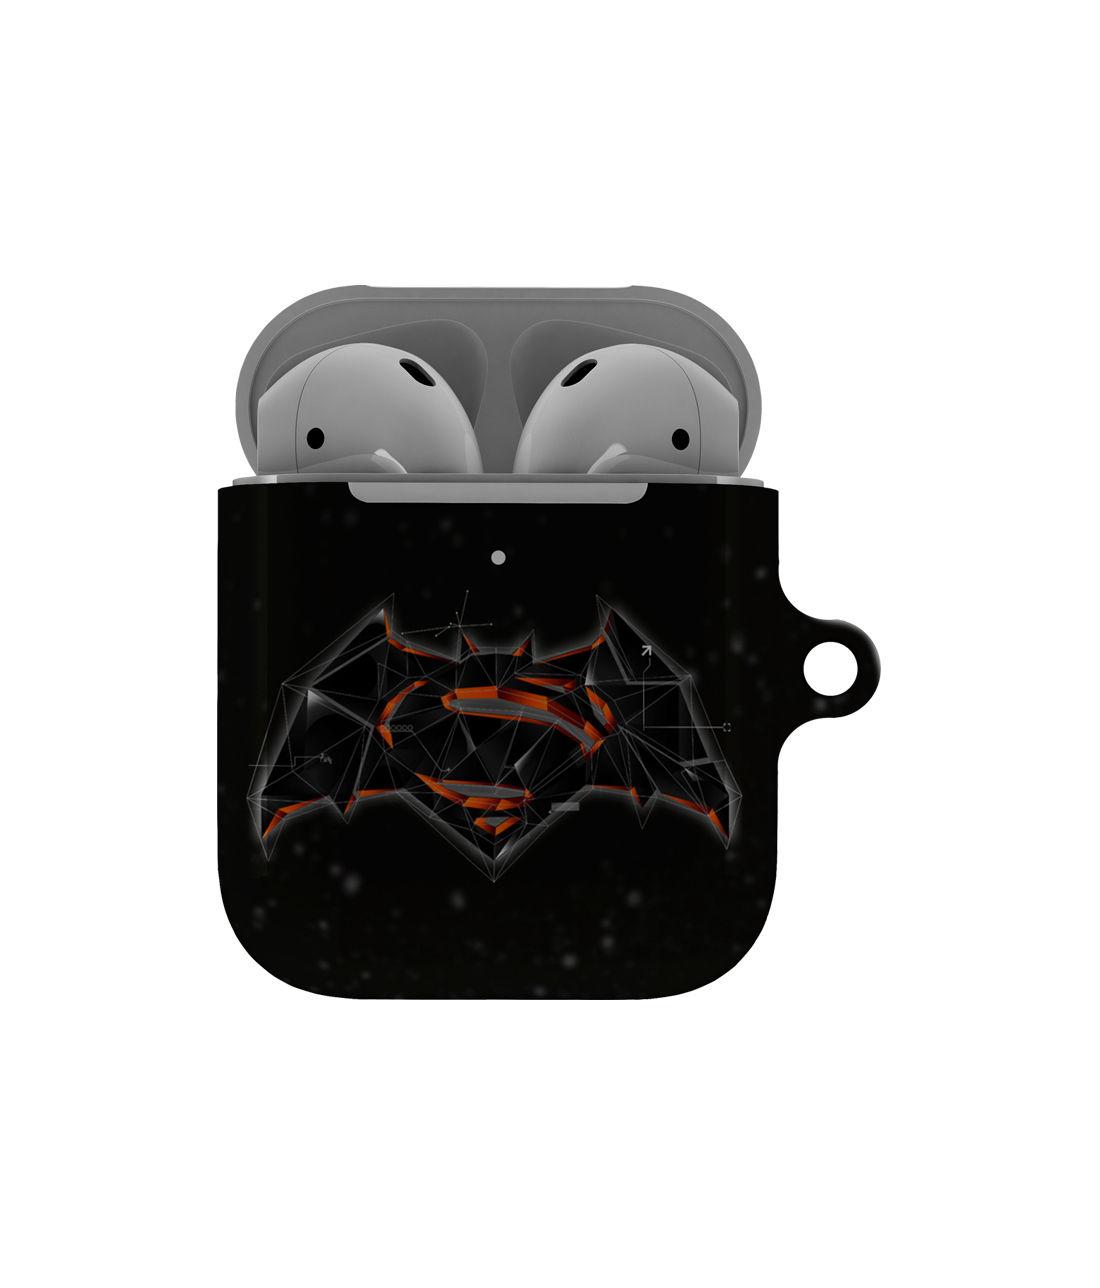 Bat Super Trace - Hard Shell Airpod Case